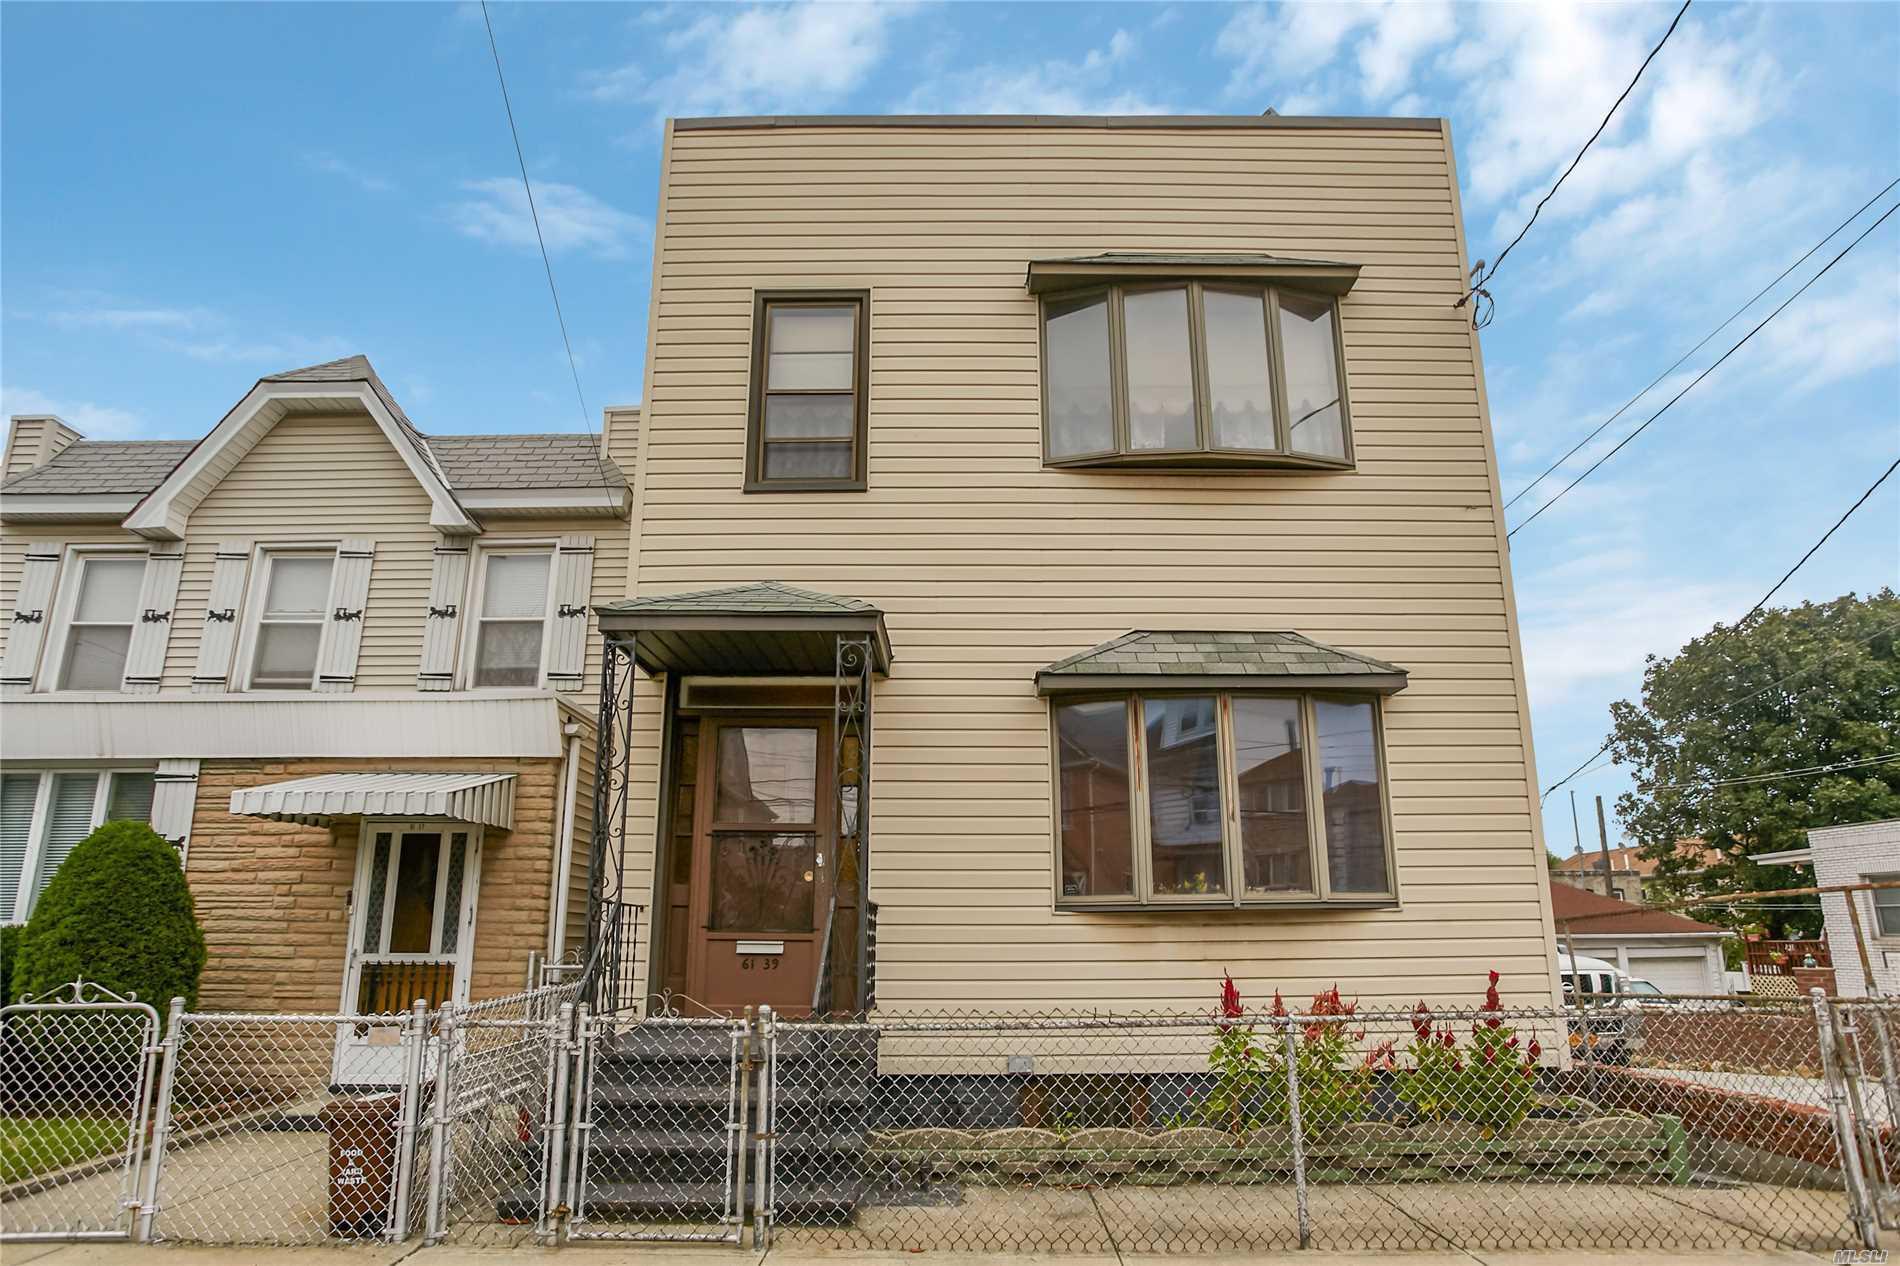 Property for sale at 61-39 Maspeth Avenue, Maspeth NY 11378, Maspeth,  New York 11378